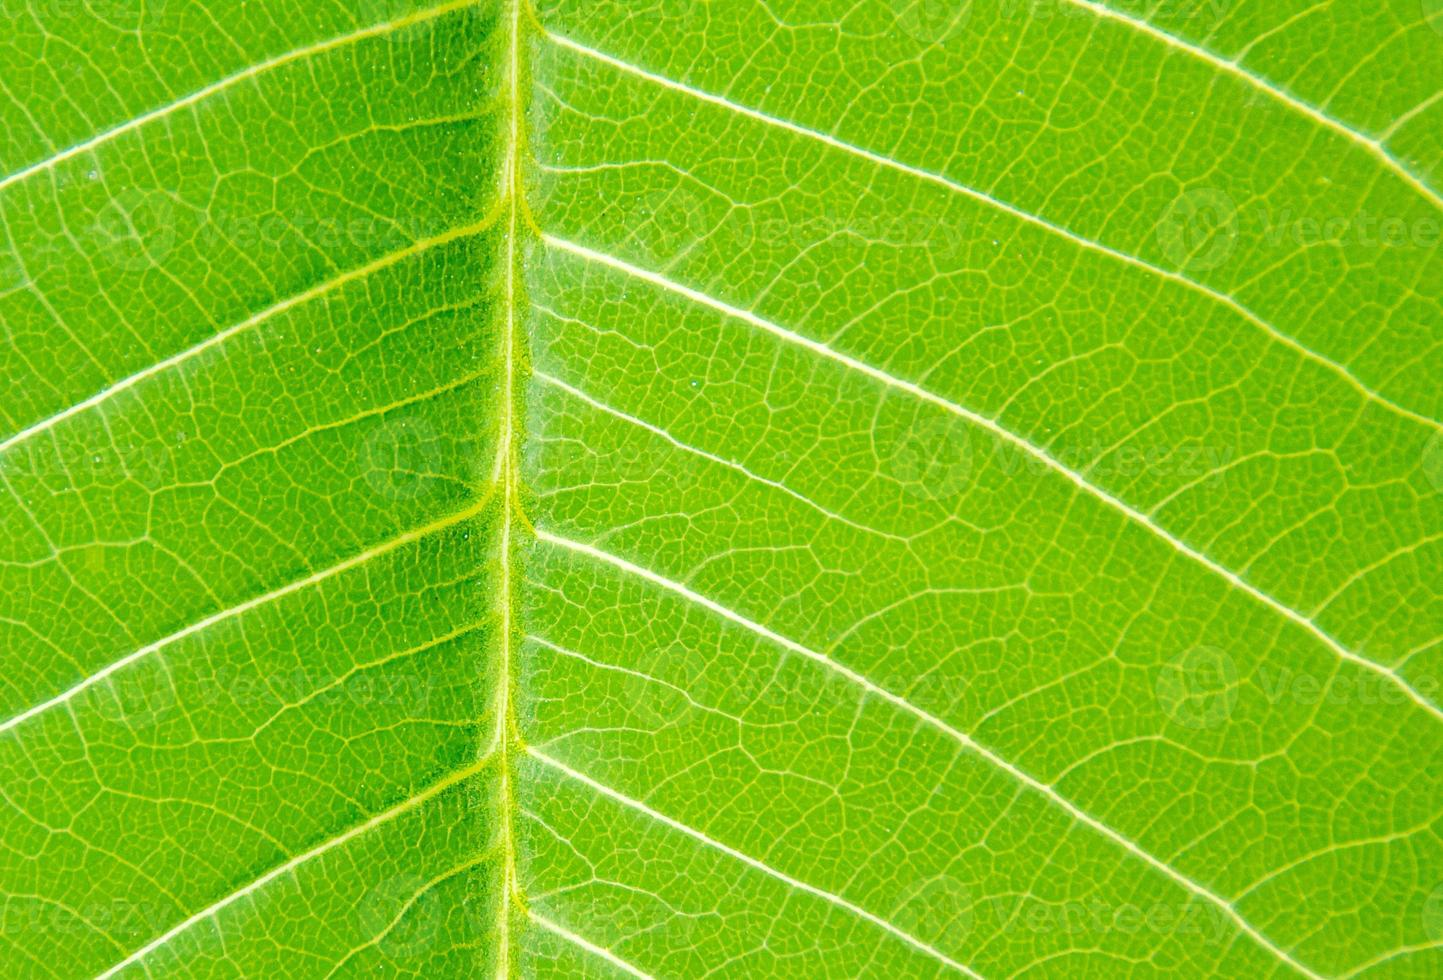 het groene blad op de natuur foto